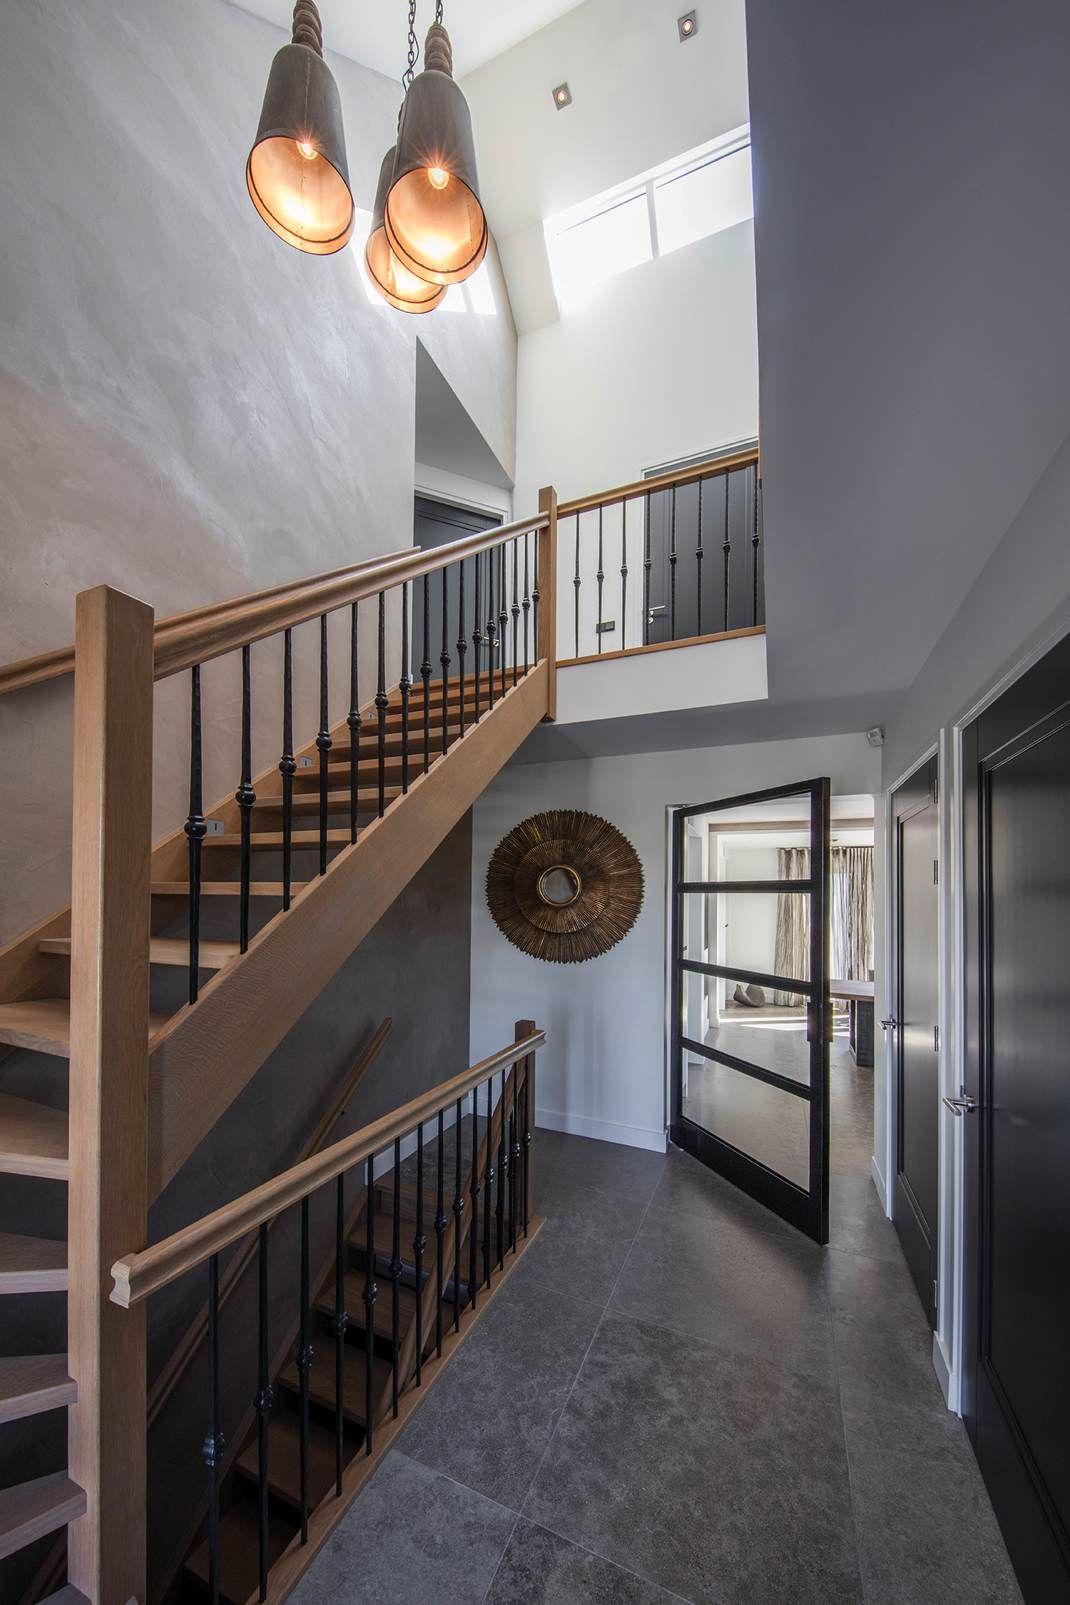 Medie Interieur architectuur - Rustic Chic Villa - Hoog ■ Exclusieve woon- en tuin inspiratie. #halinrichting